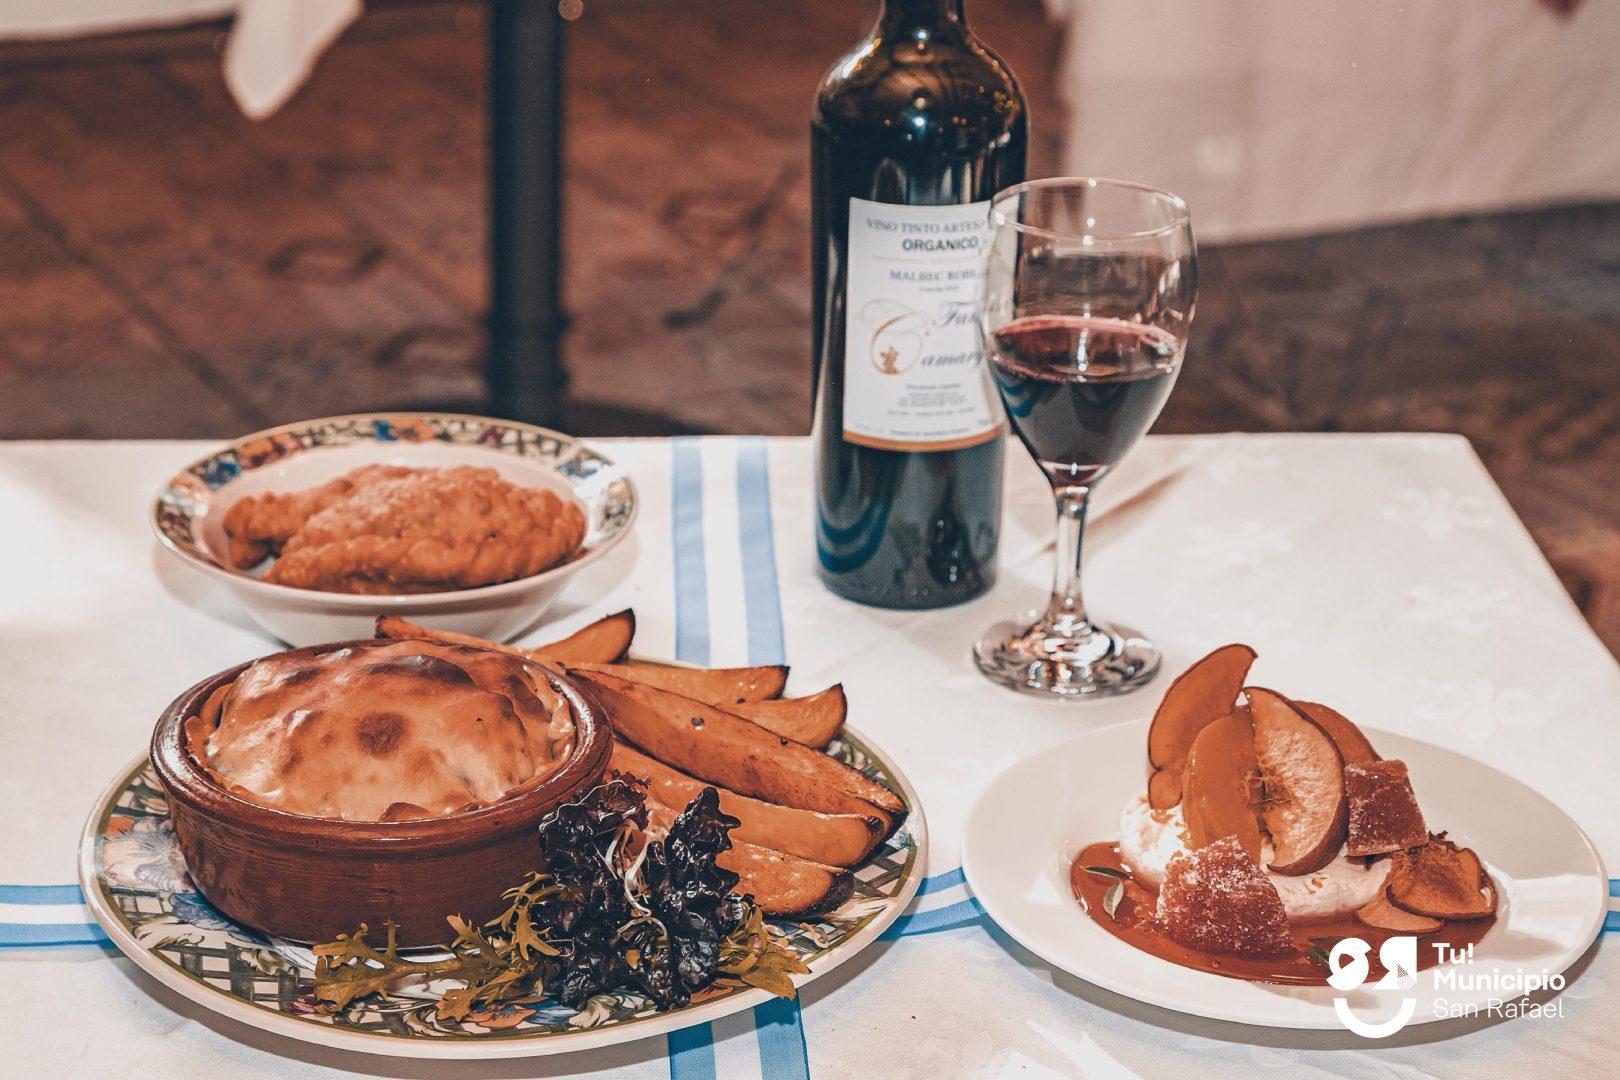 Arrancó el Festival de la Carne a la Masa: Listado de casas de comida y restaurantes que adhieren